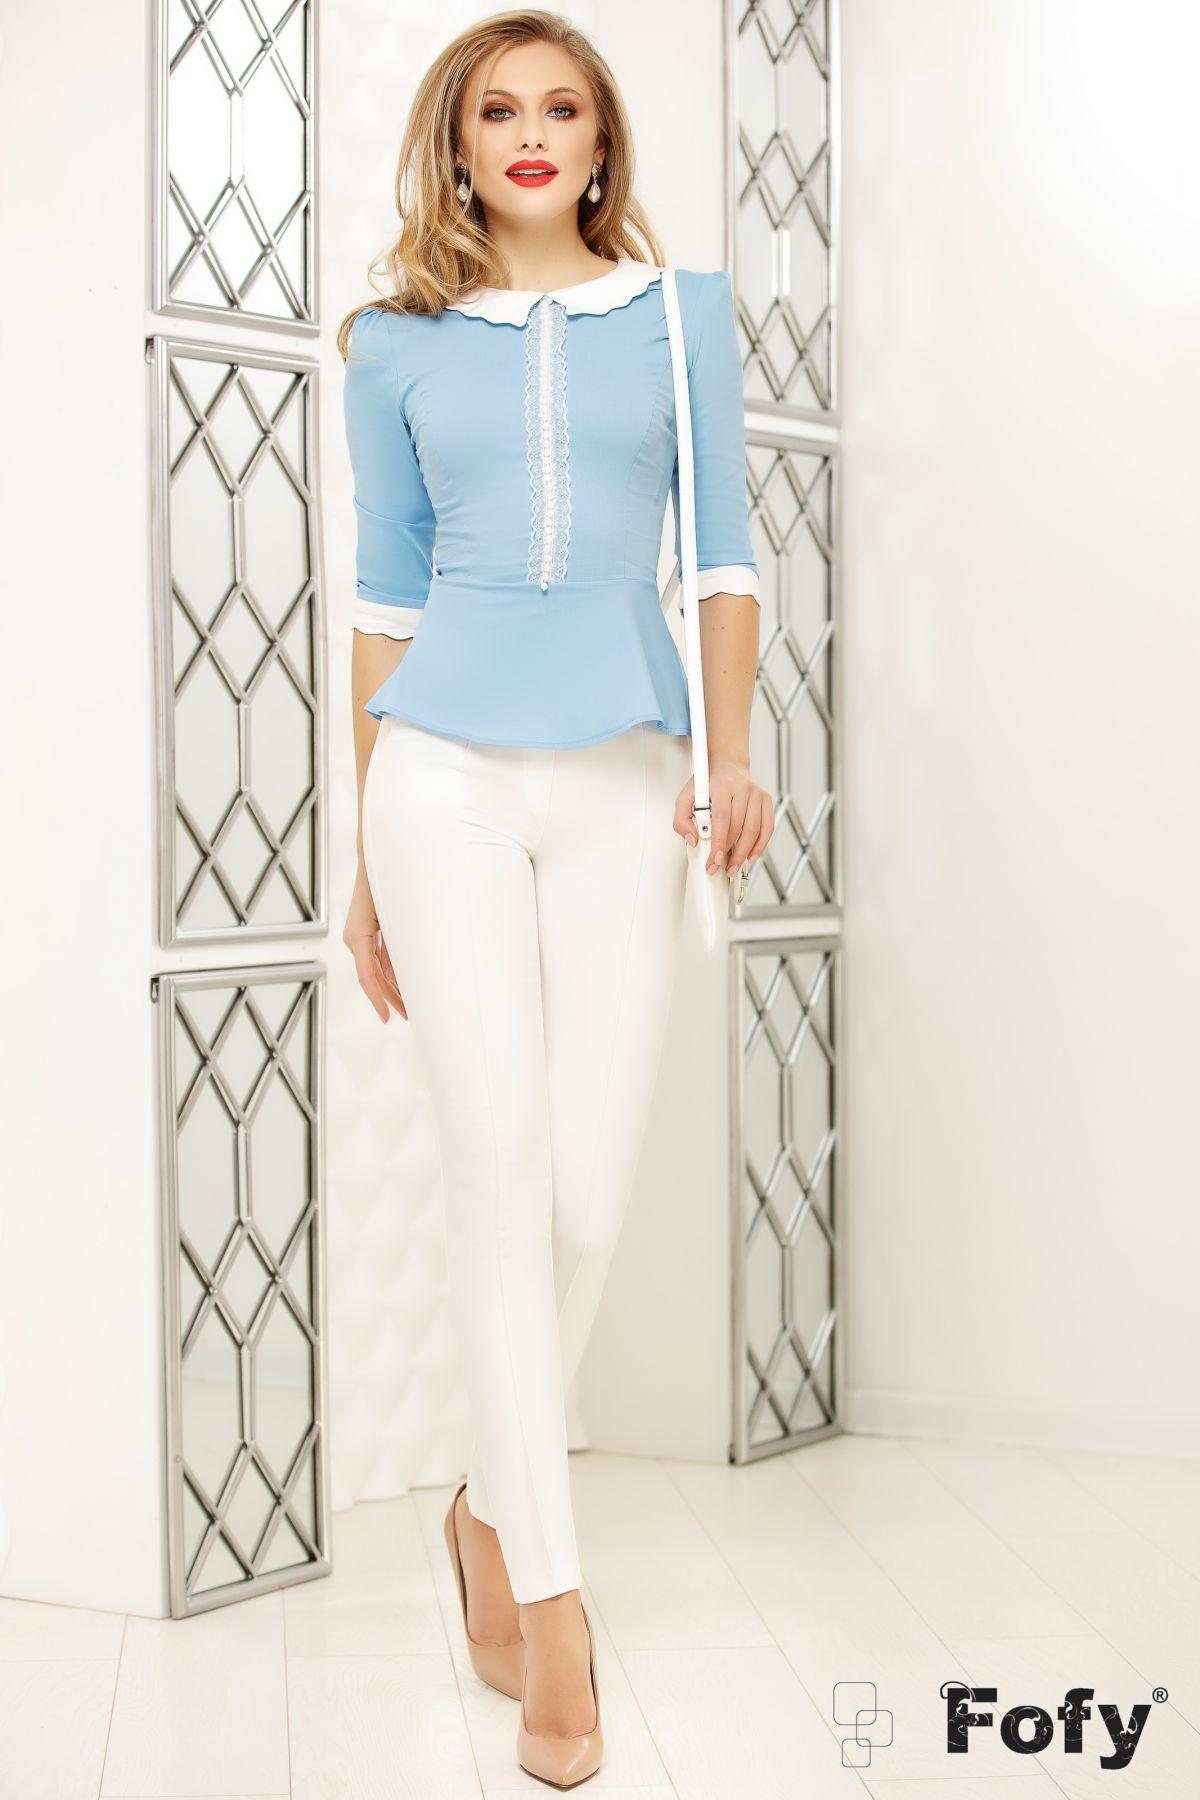 Pantaloni dama conici albi Fofy